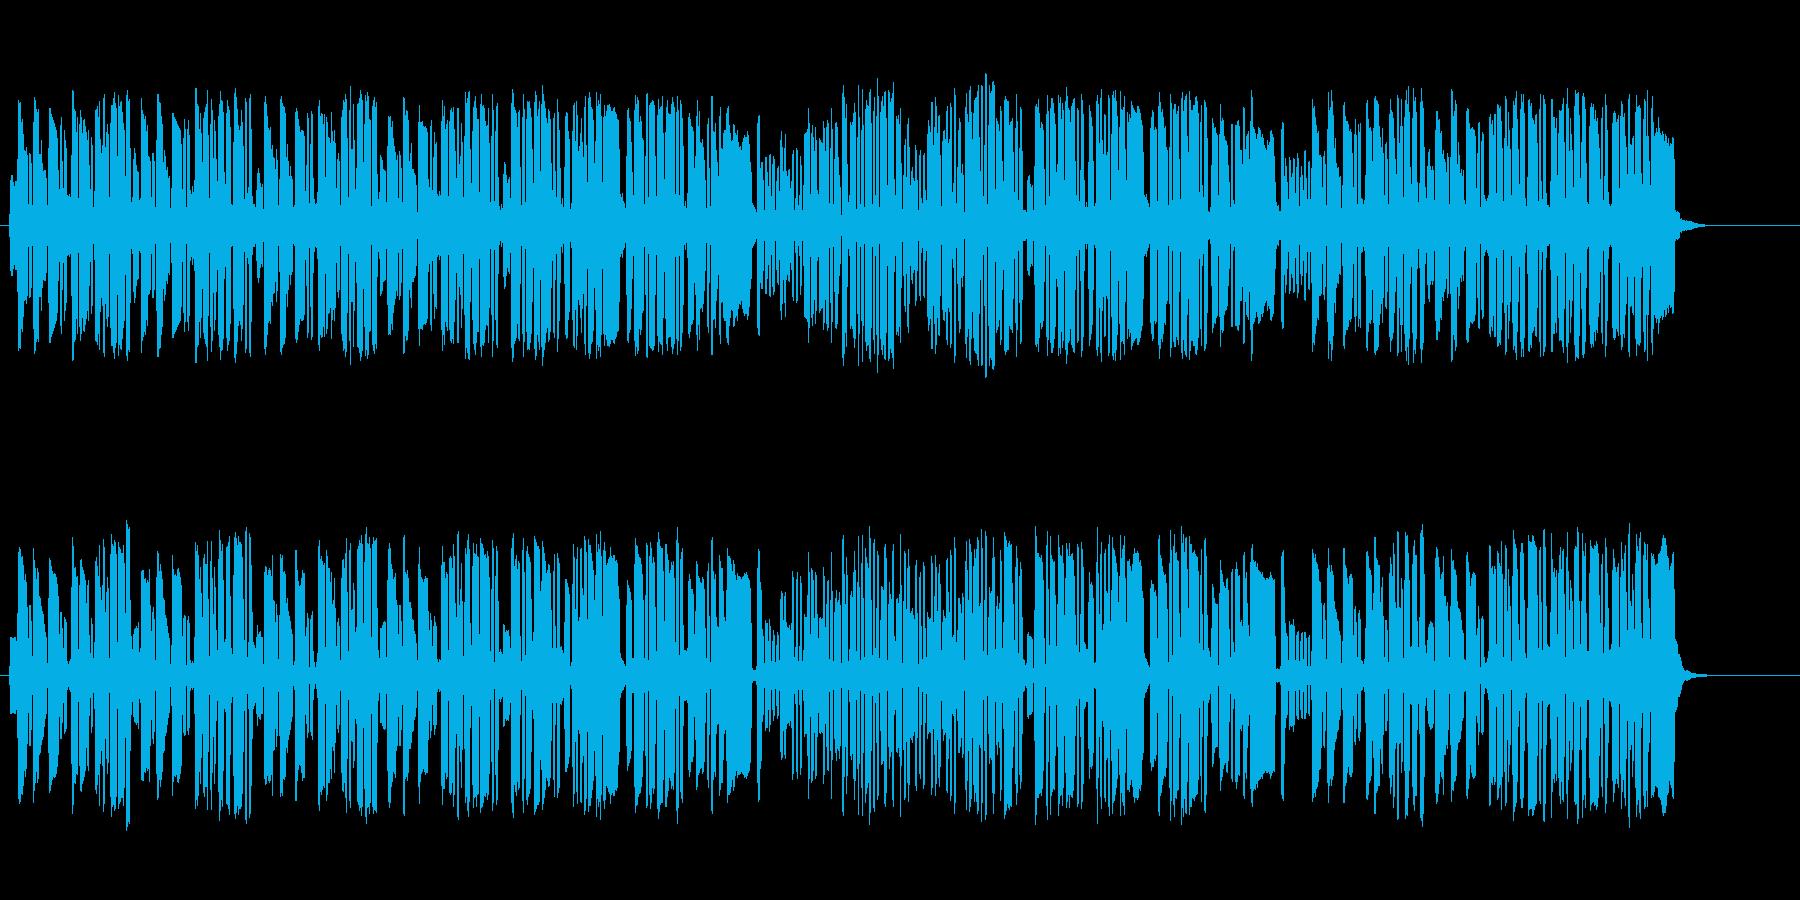 純真な子供の様に愛らしいリコーダー四重奏の再生済みの波形